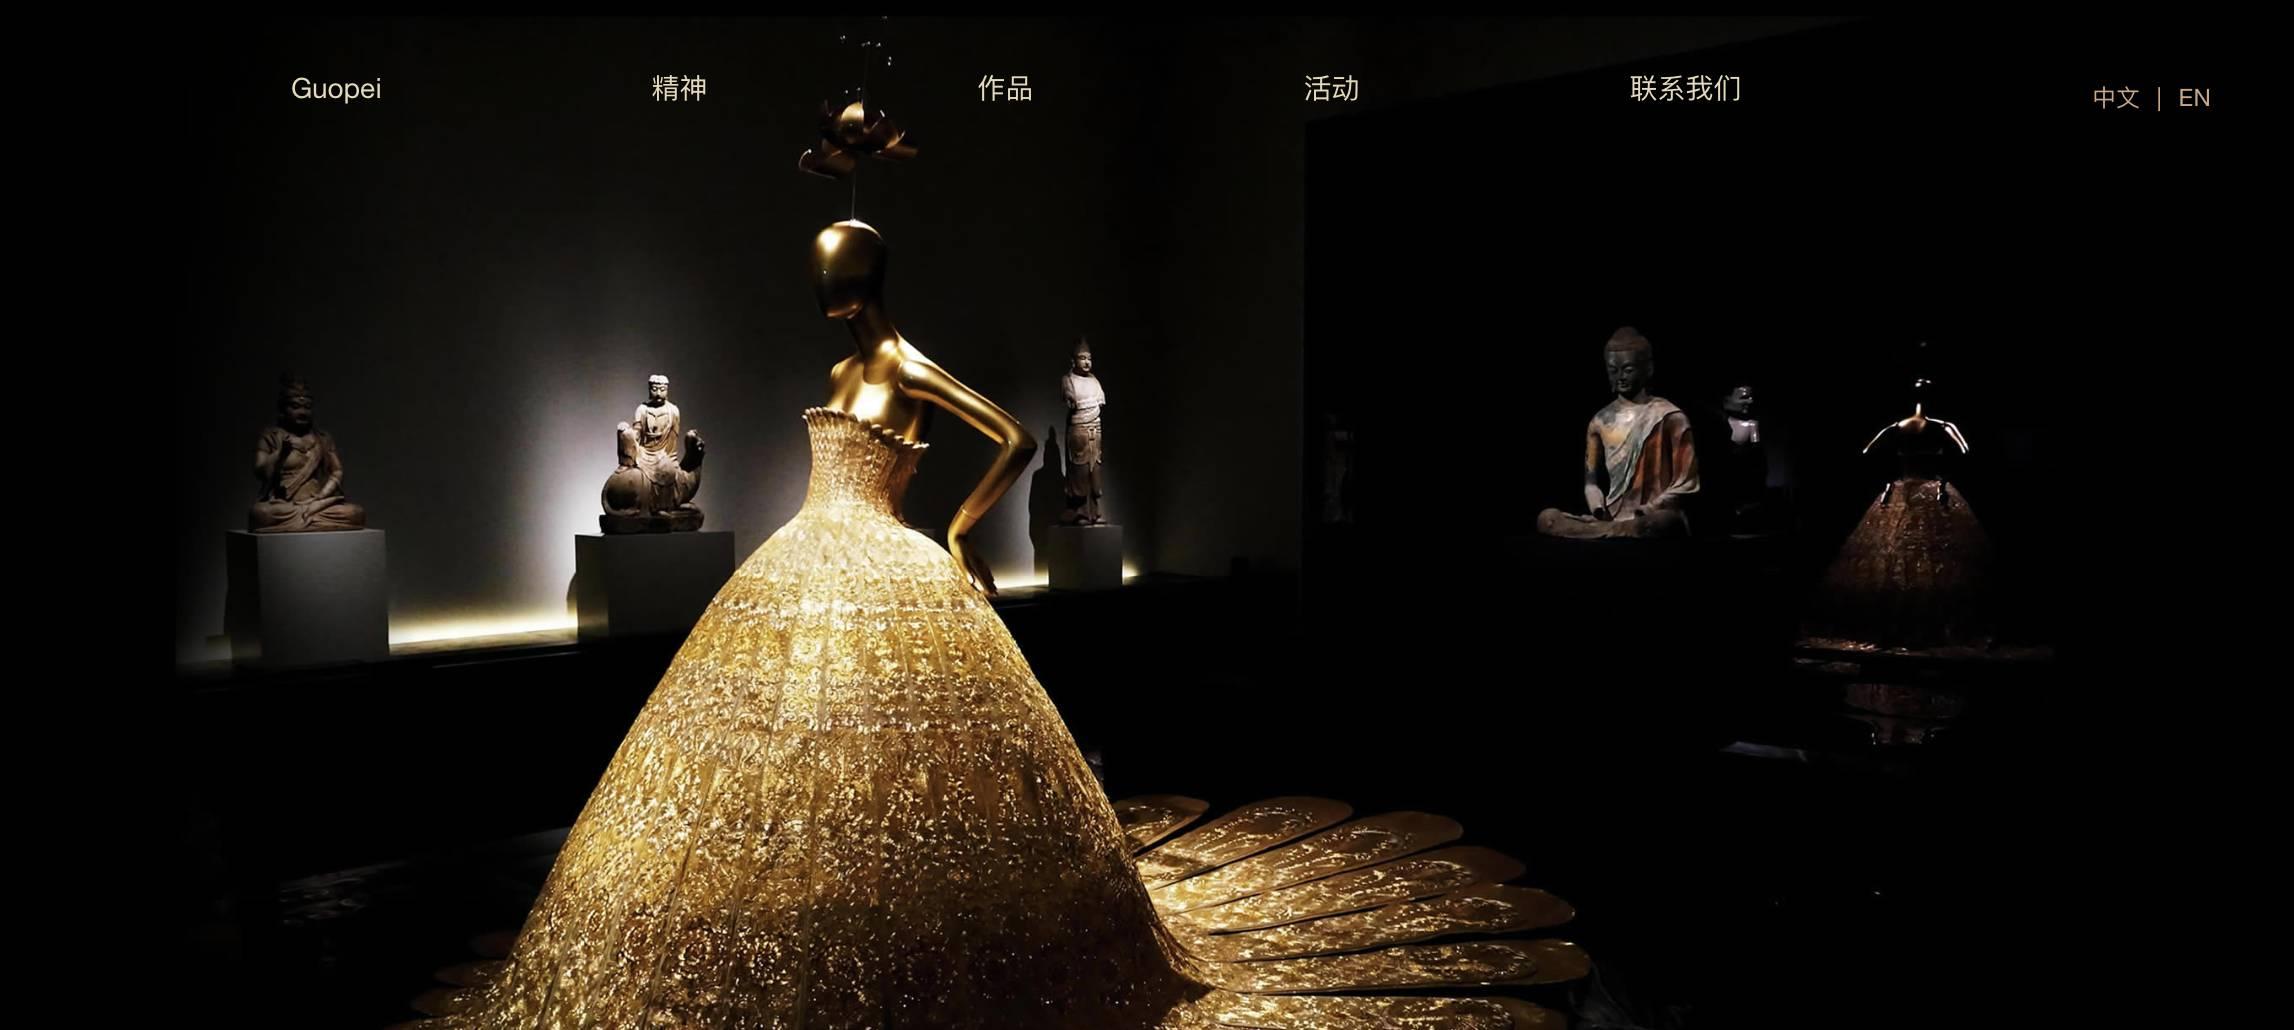 在郭培眼中,世界上最美的女人是新娘,最美的一件衣服就是她的嫁衣,一图片